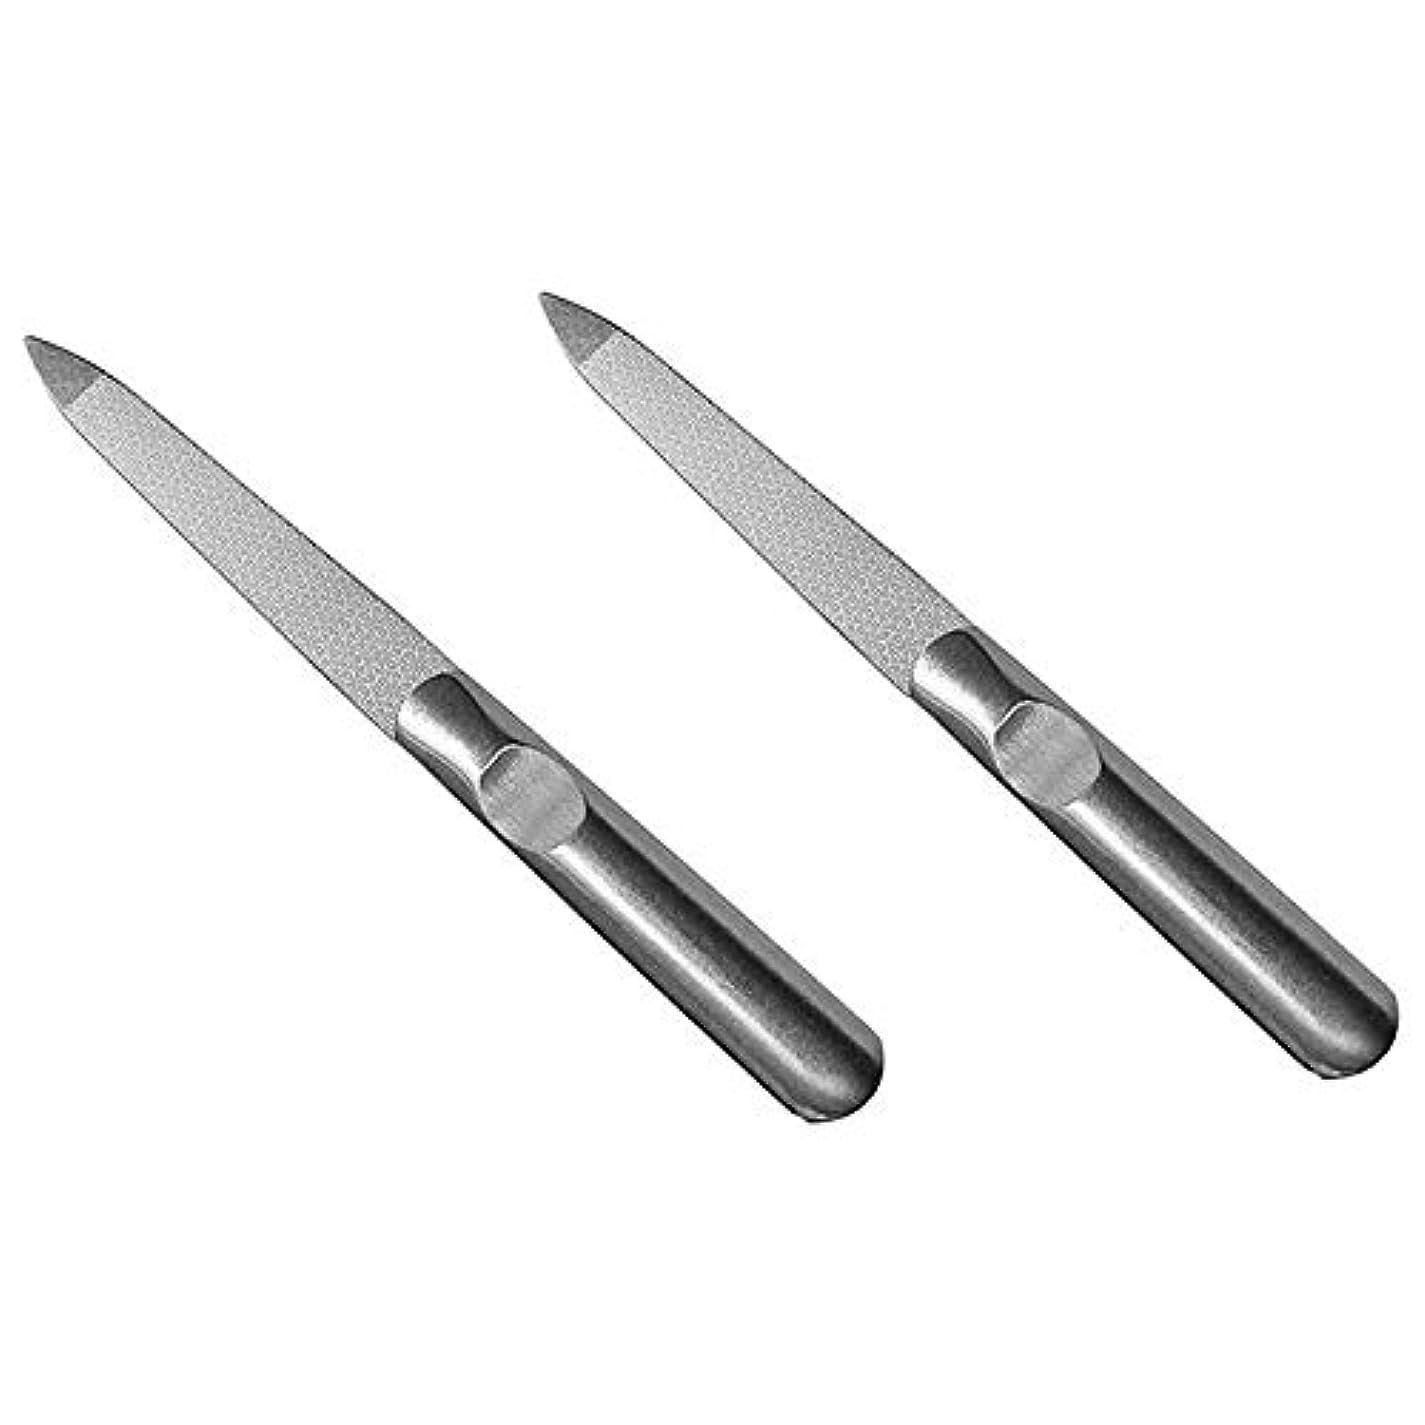 粘液ライラックヒギンズSNOWINSPRING 2個 ステンレススチール ネイルファイル 両面マット アーマー美容ツール Yangjiang爪 腐食の防止鎧